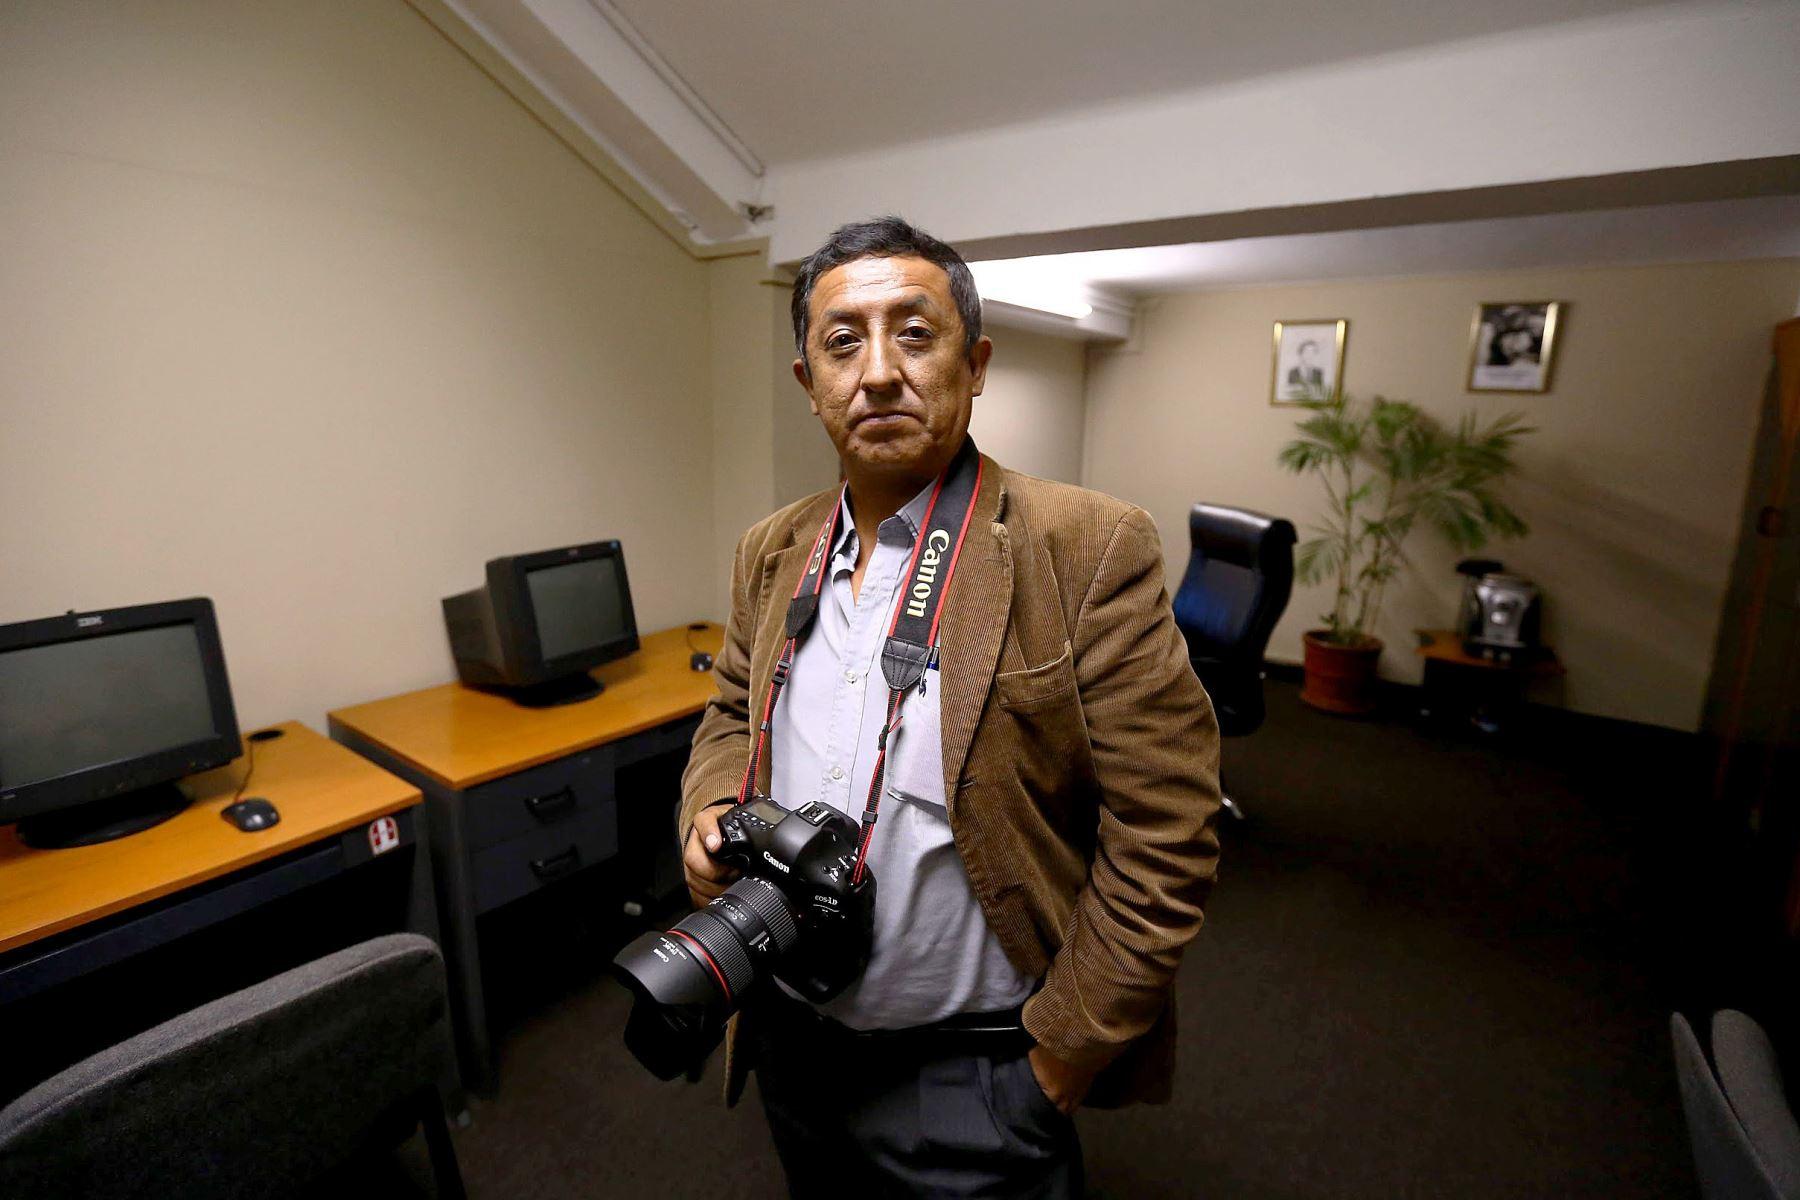 El gran amigo y maestro de la fotografía Jhony Laurente deja un legado imborrable en la historia gráfica del Perú. Foto: Luis Iparraguirre/ANDINA